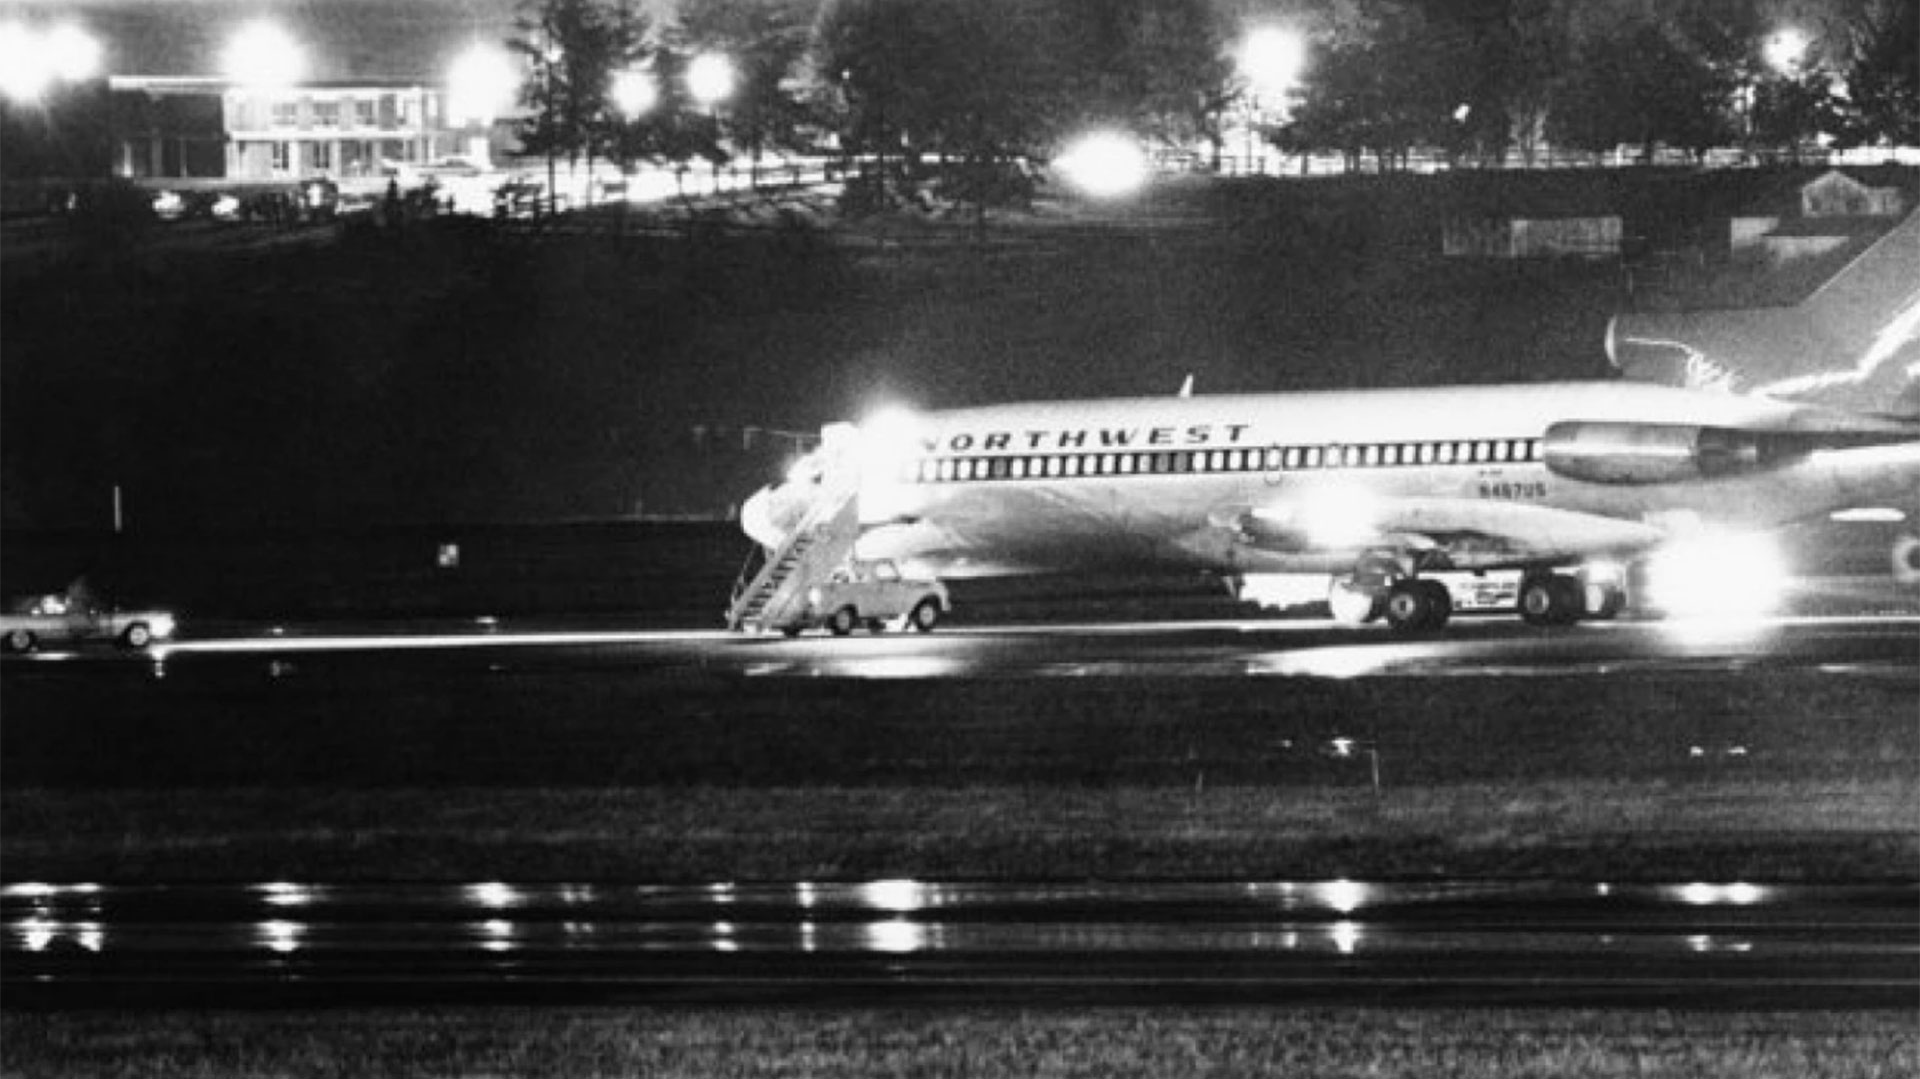 El avión Northwest Airlines fue secuestrado por un hombre identificado como D.B. Cooper. Aquí, en su escala en Seattle. Horas después, el secuestrador saltaría en paracaídas y nunca más sería visto (AP)